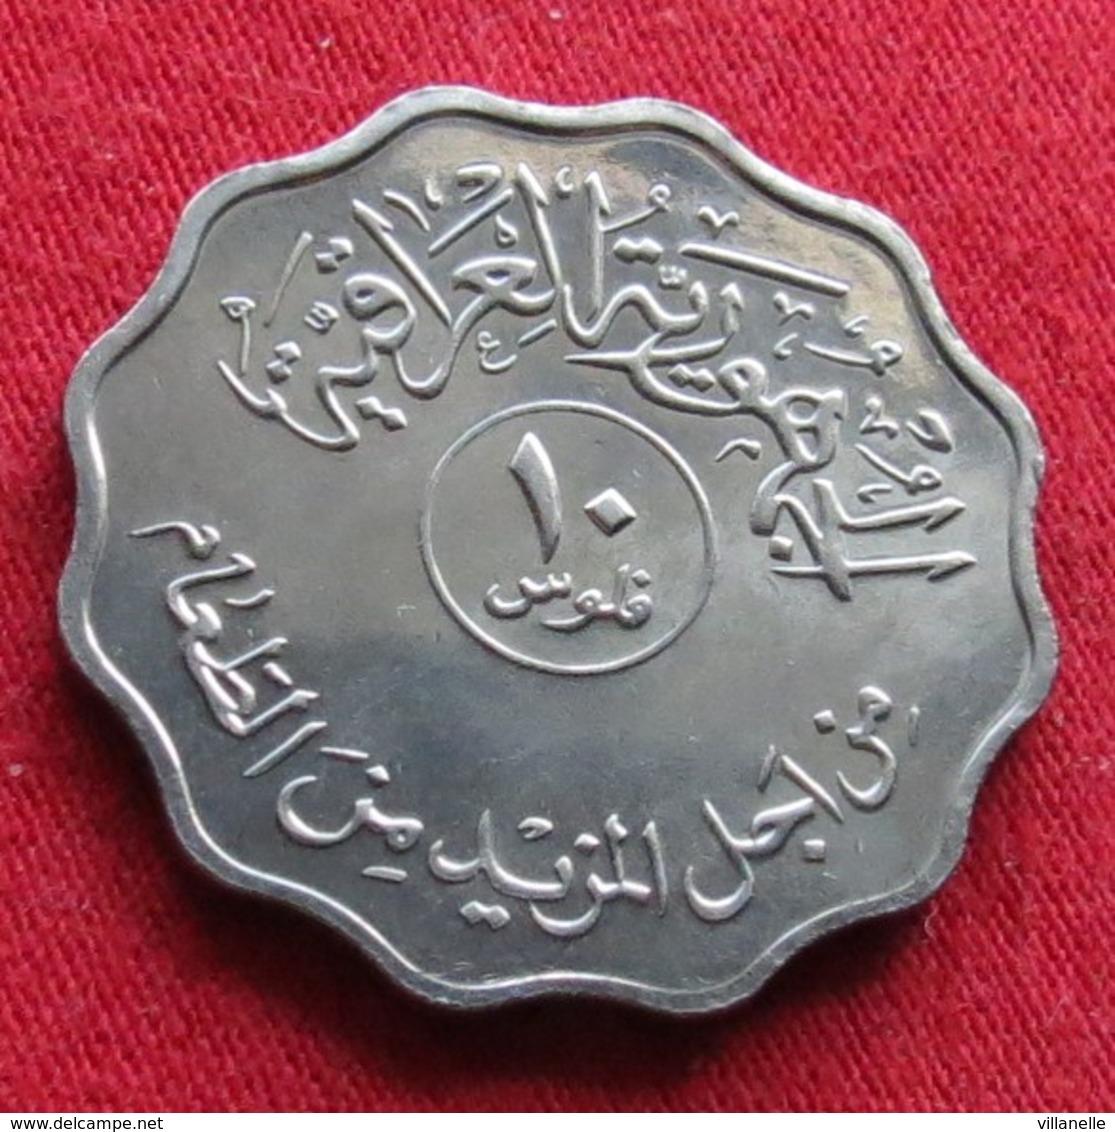 Iraq 10 Fils 1975 FAO F.a.o.  Iraque Irak UNCºº - Iraq